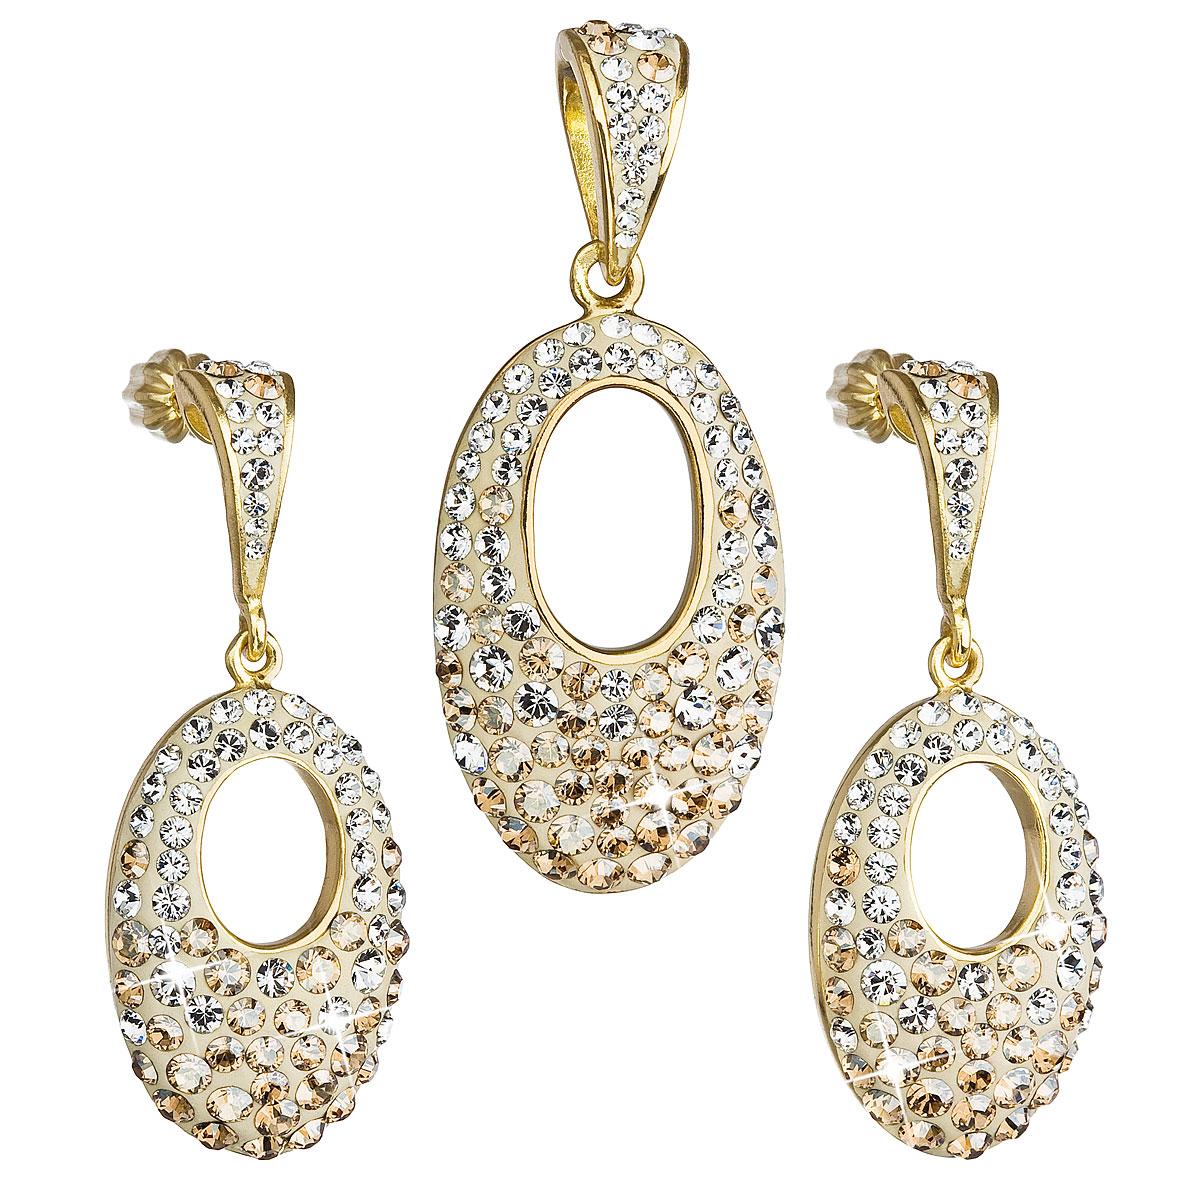 Sada šperkov s krištáľmi Swarovski náušnice a prívesok zlatý ovál 39075.6